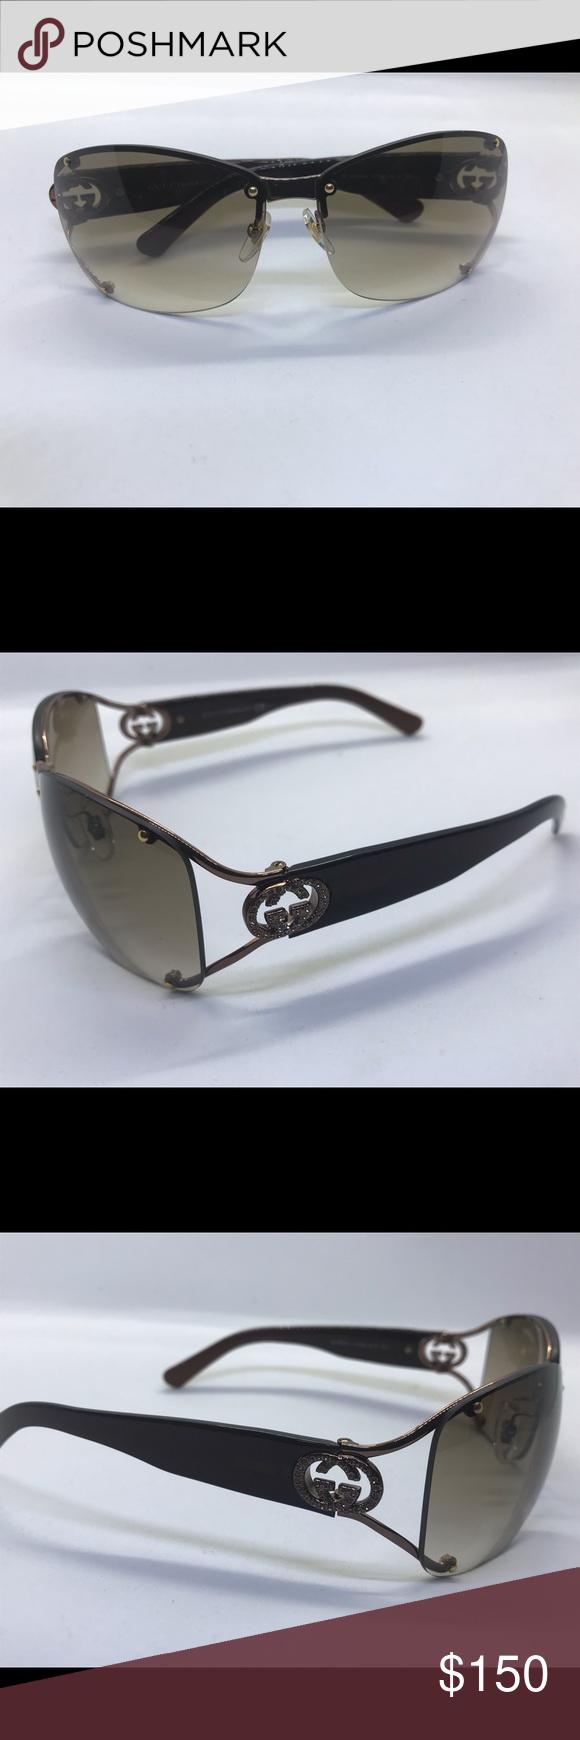 f0147083fbbc0 Gucci sunglasses for women Gucci GG 2820 F S Vtc5E Brown gradient rimless  wrap